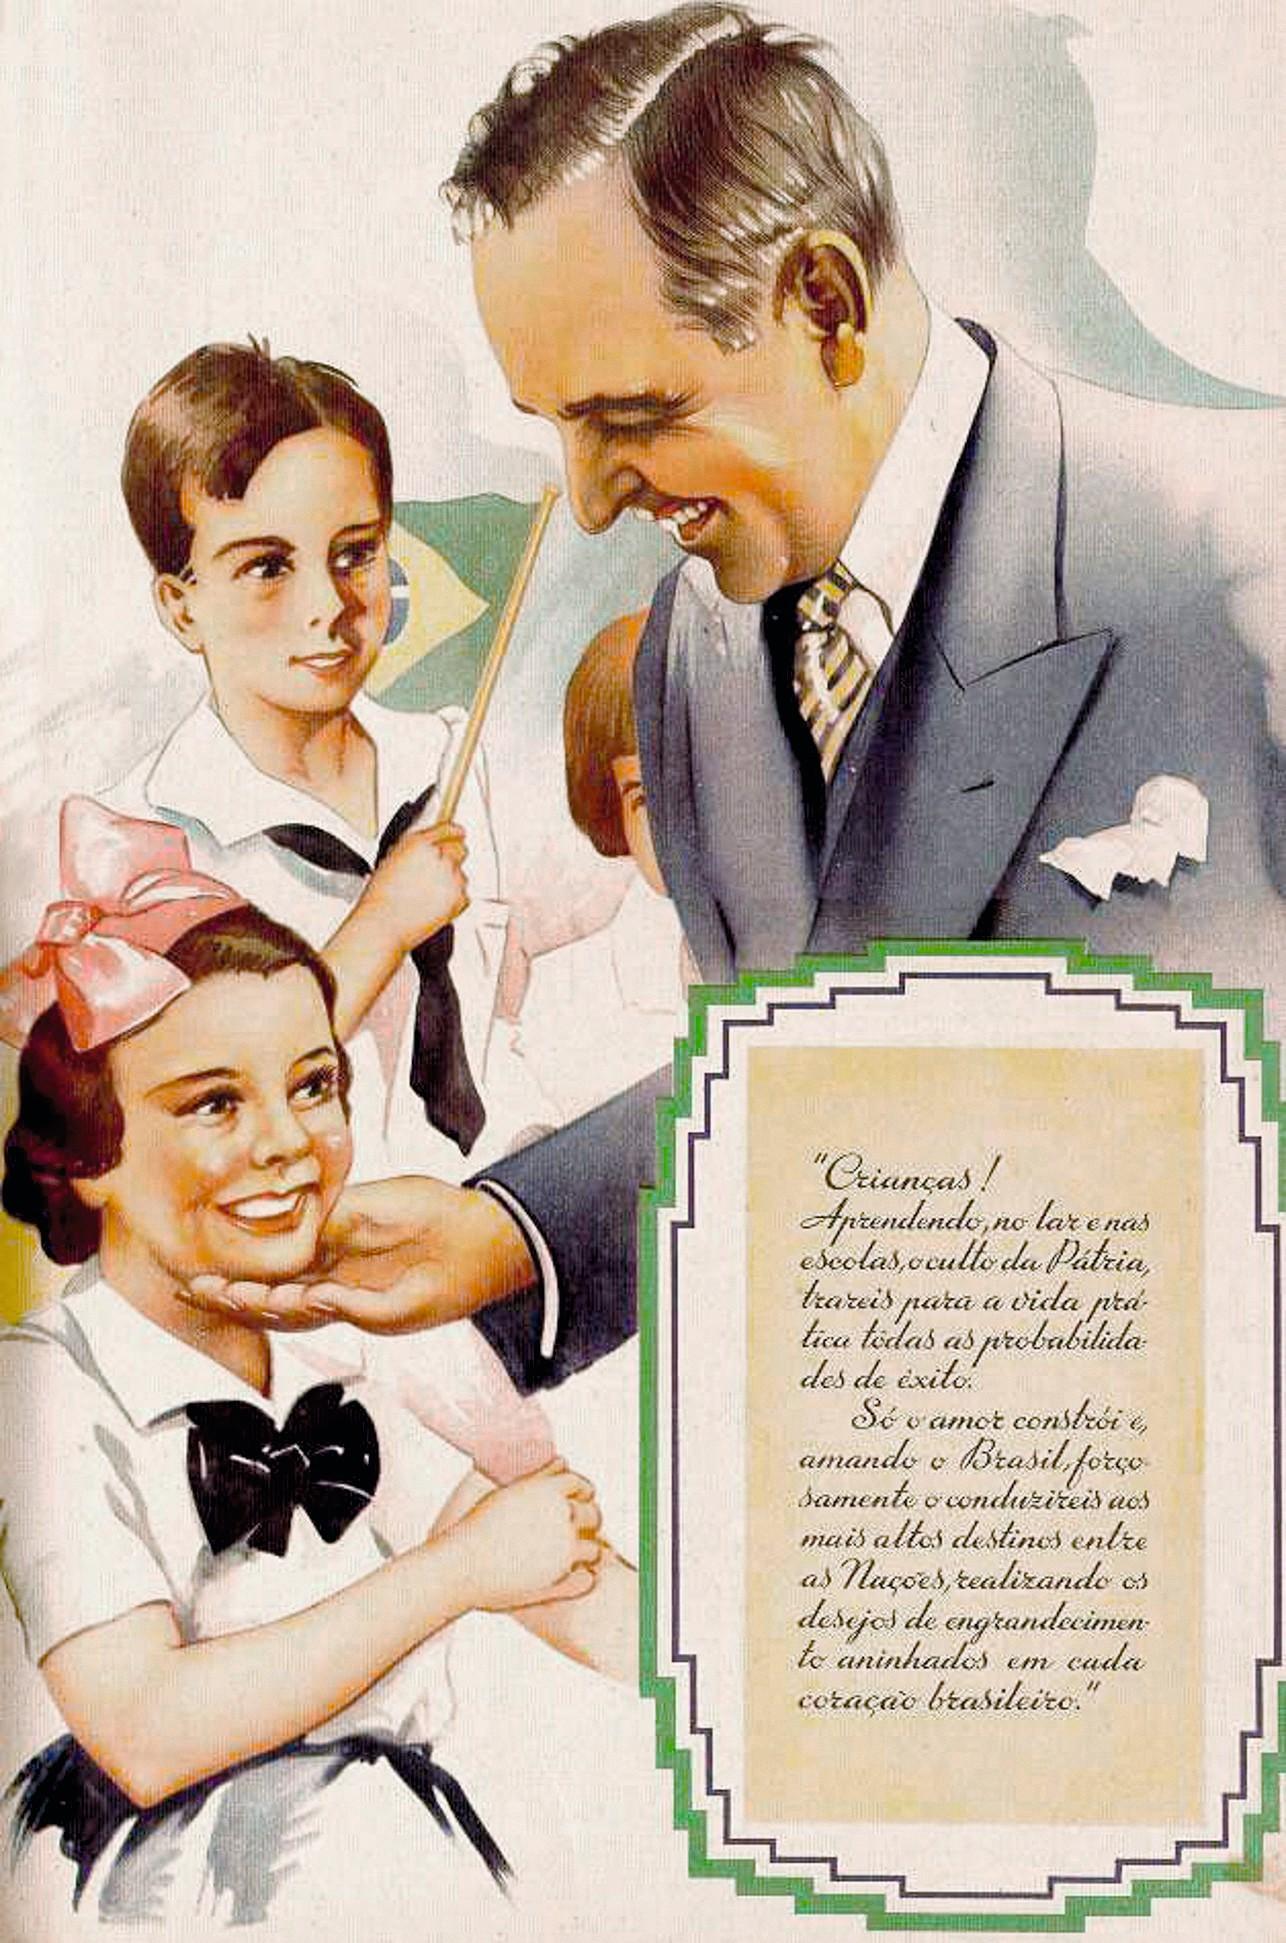 Affiche de propagande de l'Estado Novo